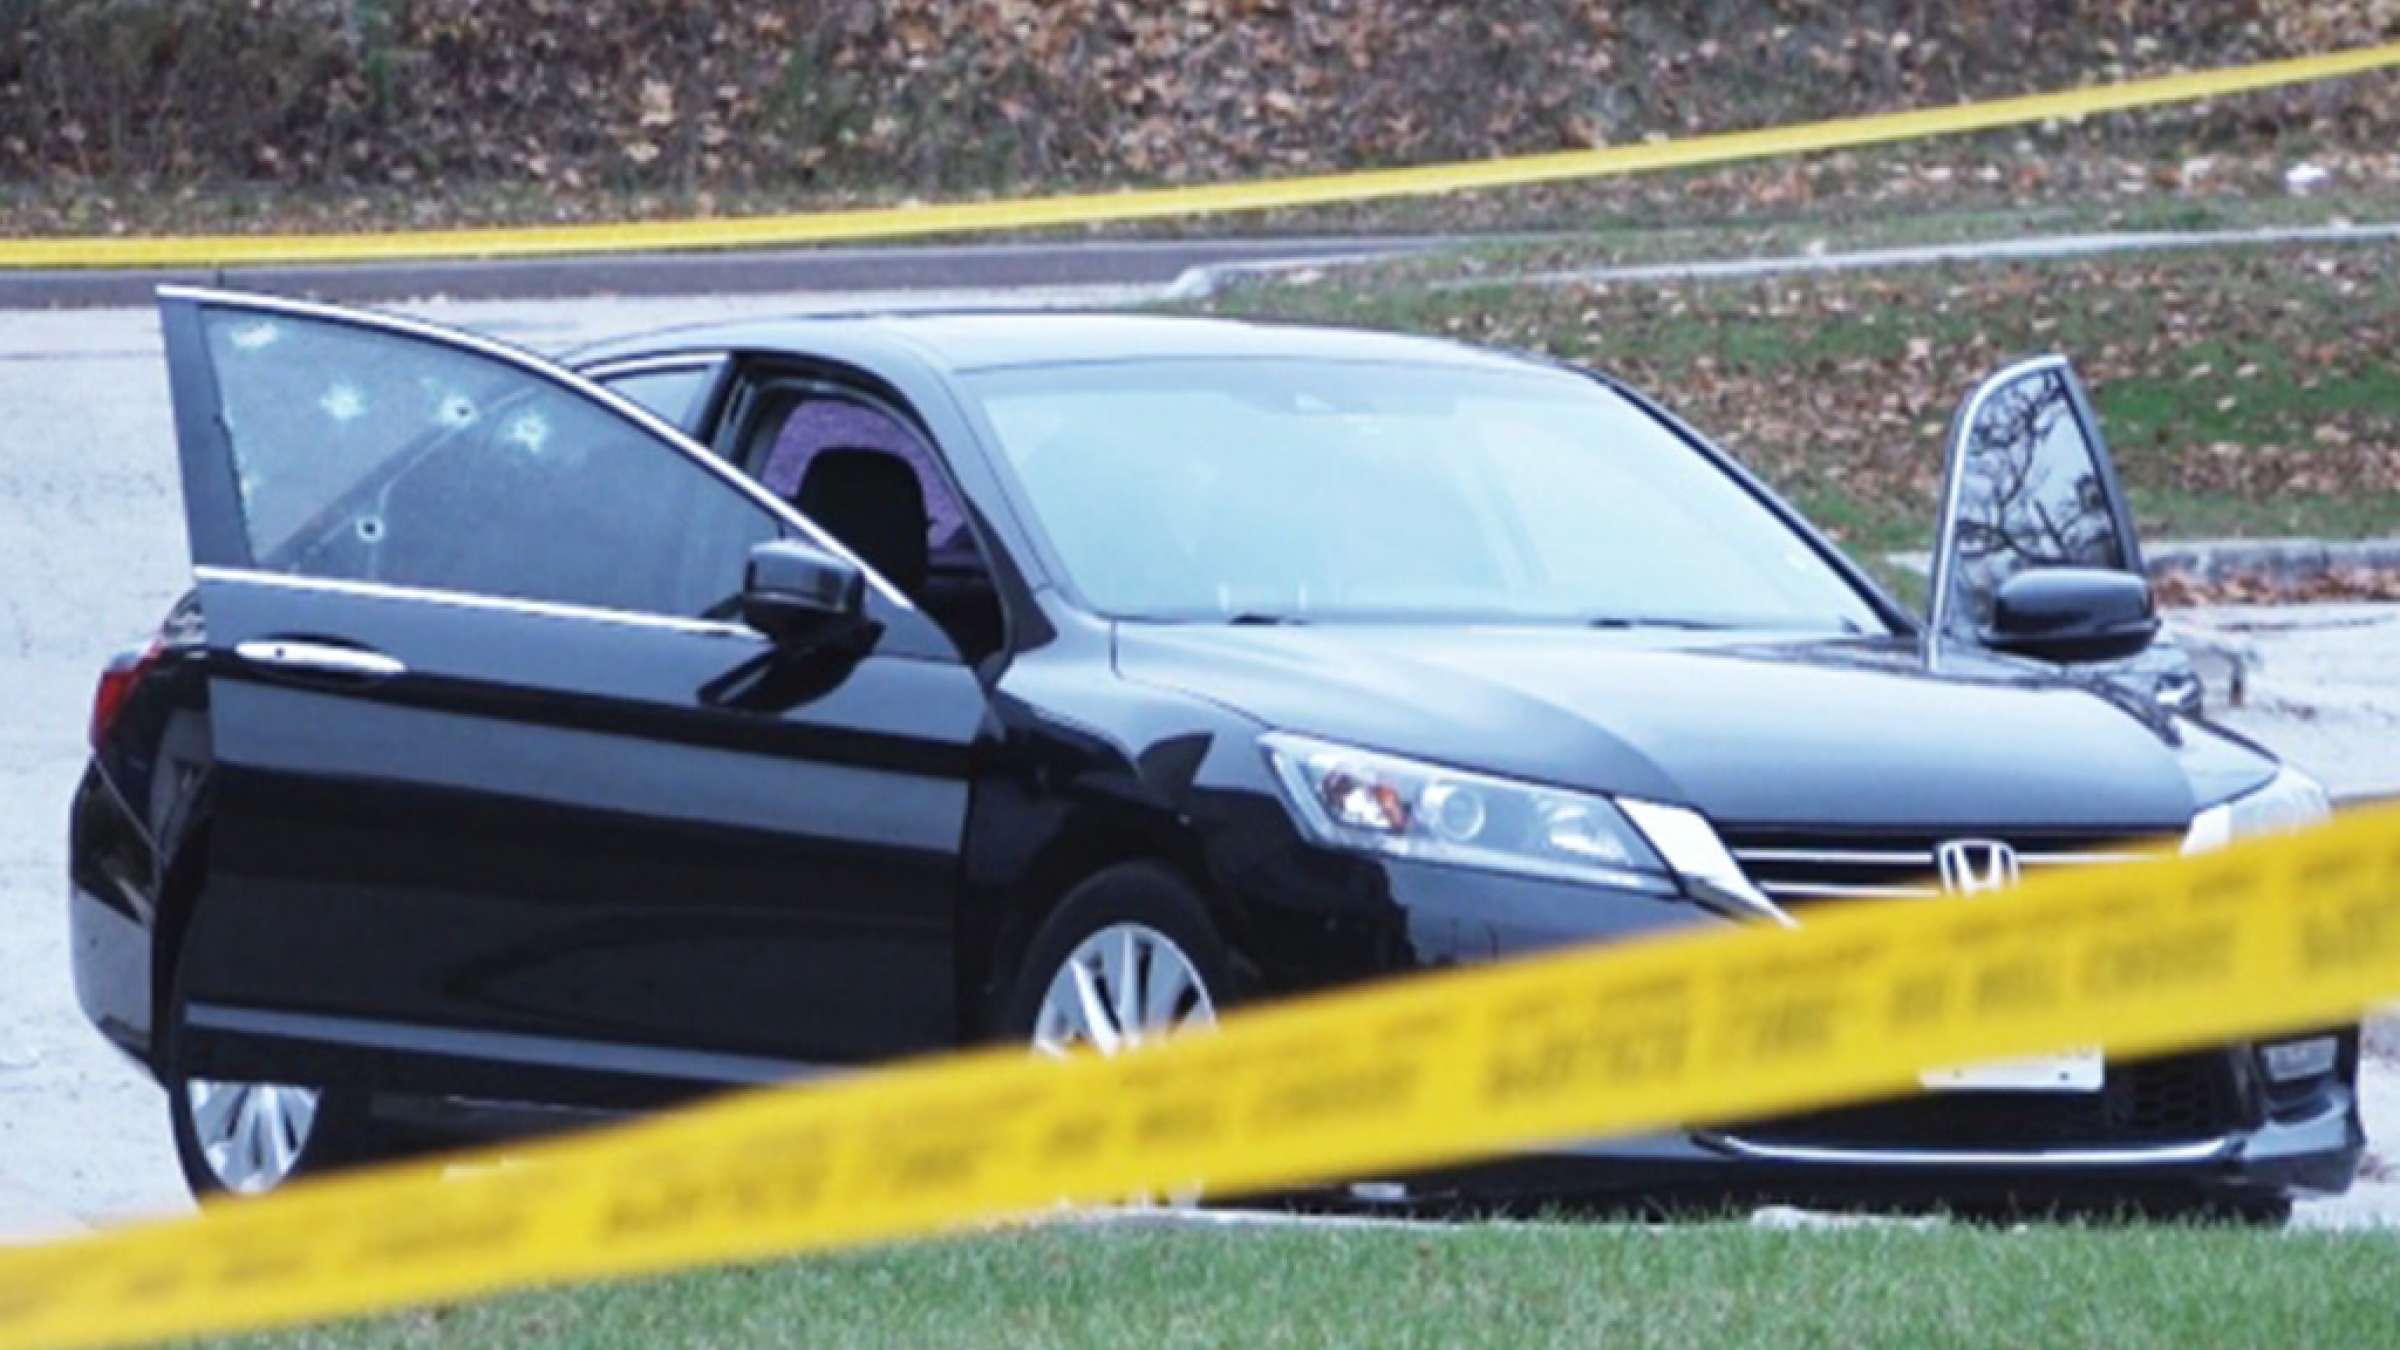 اخبار-تورنتو-مثل-فیلمها-گلوله-خورده-خودش-را-به-ایستگاه-پلیس-رساند